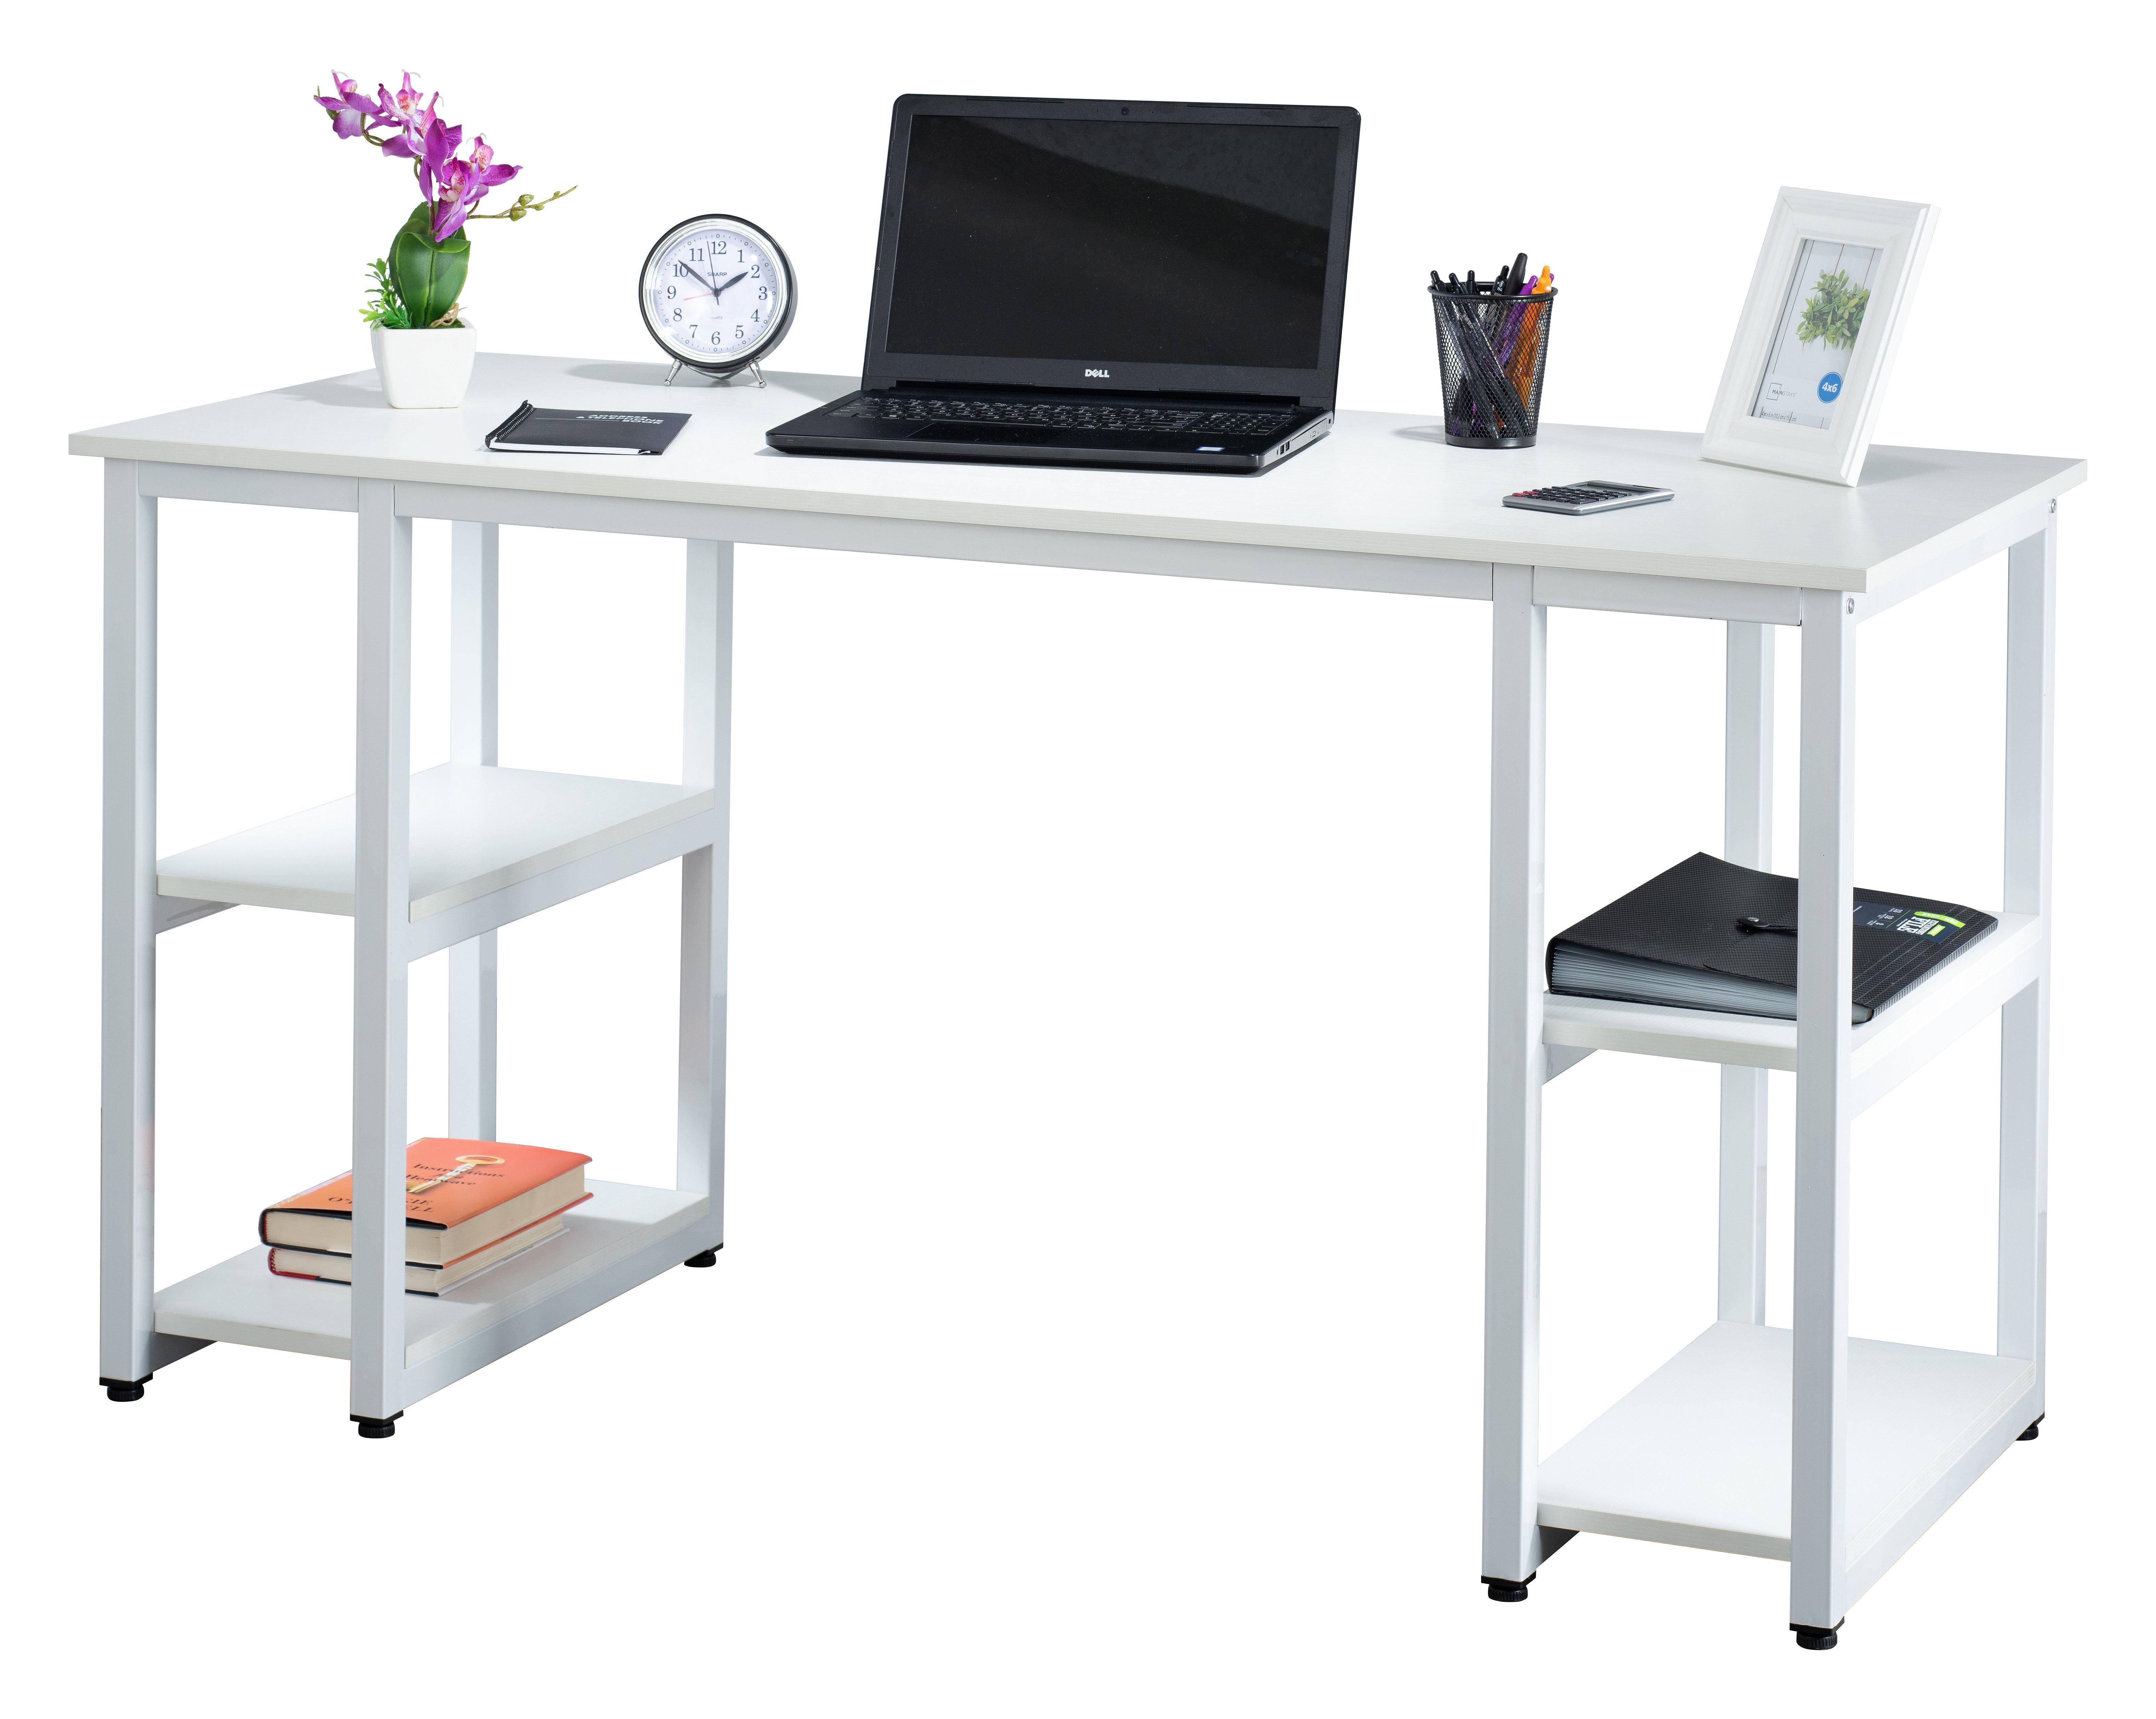 Hanshaw Home Office Credenza Desk